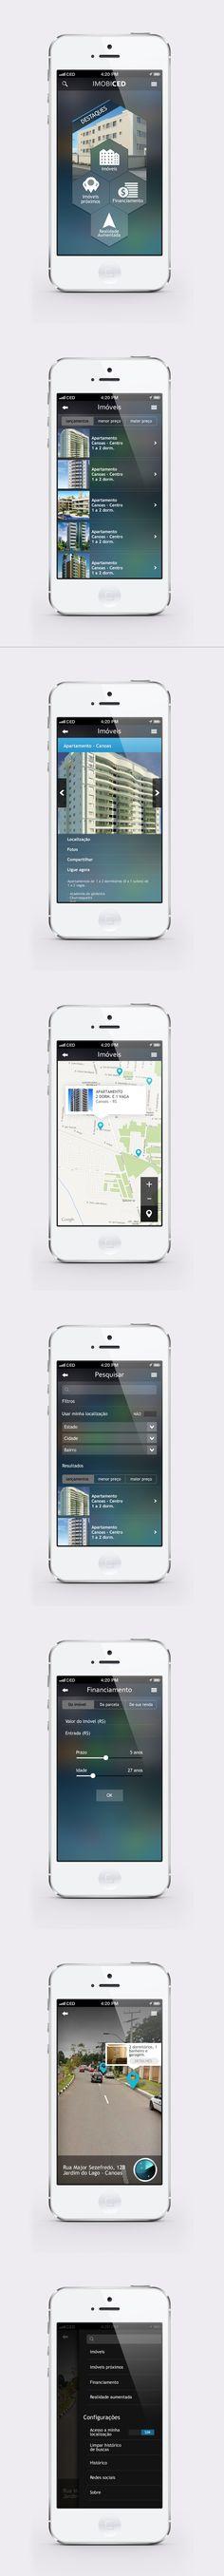 Aplicativo desenvolvido para imobiliárias, com o intuito de localizar imóveis disponíveis para locação e venda próximo ao seu local atual e com função de realidade aumentada. #mobile #appdesign #LucasFontoura